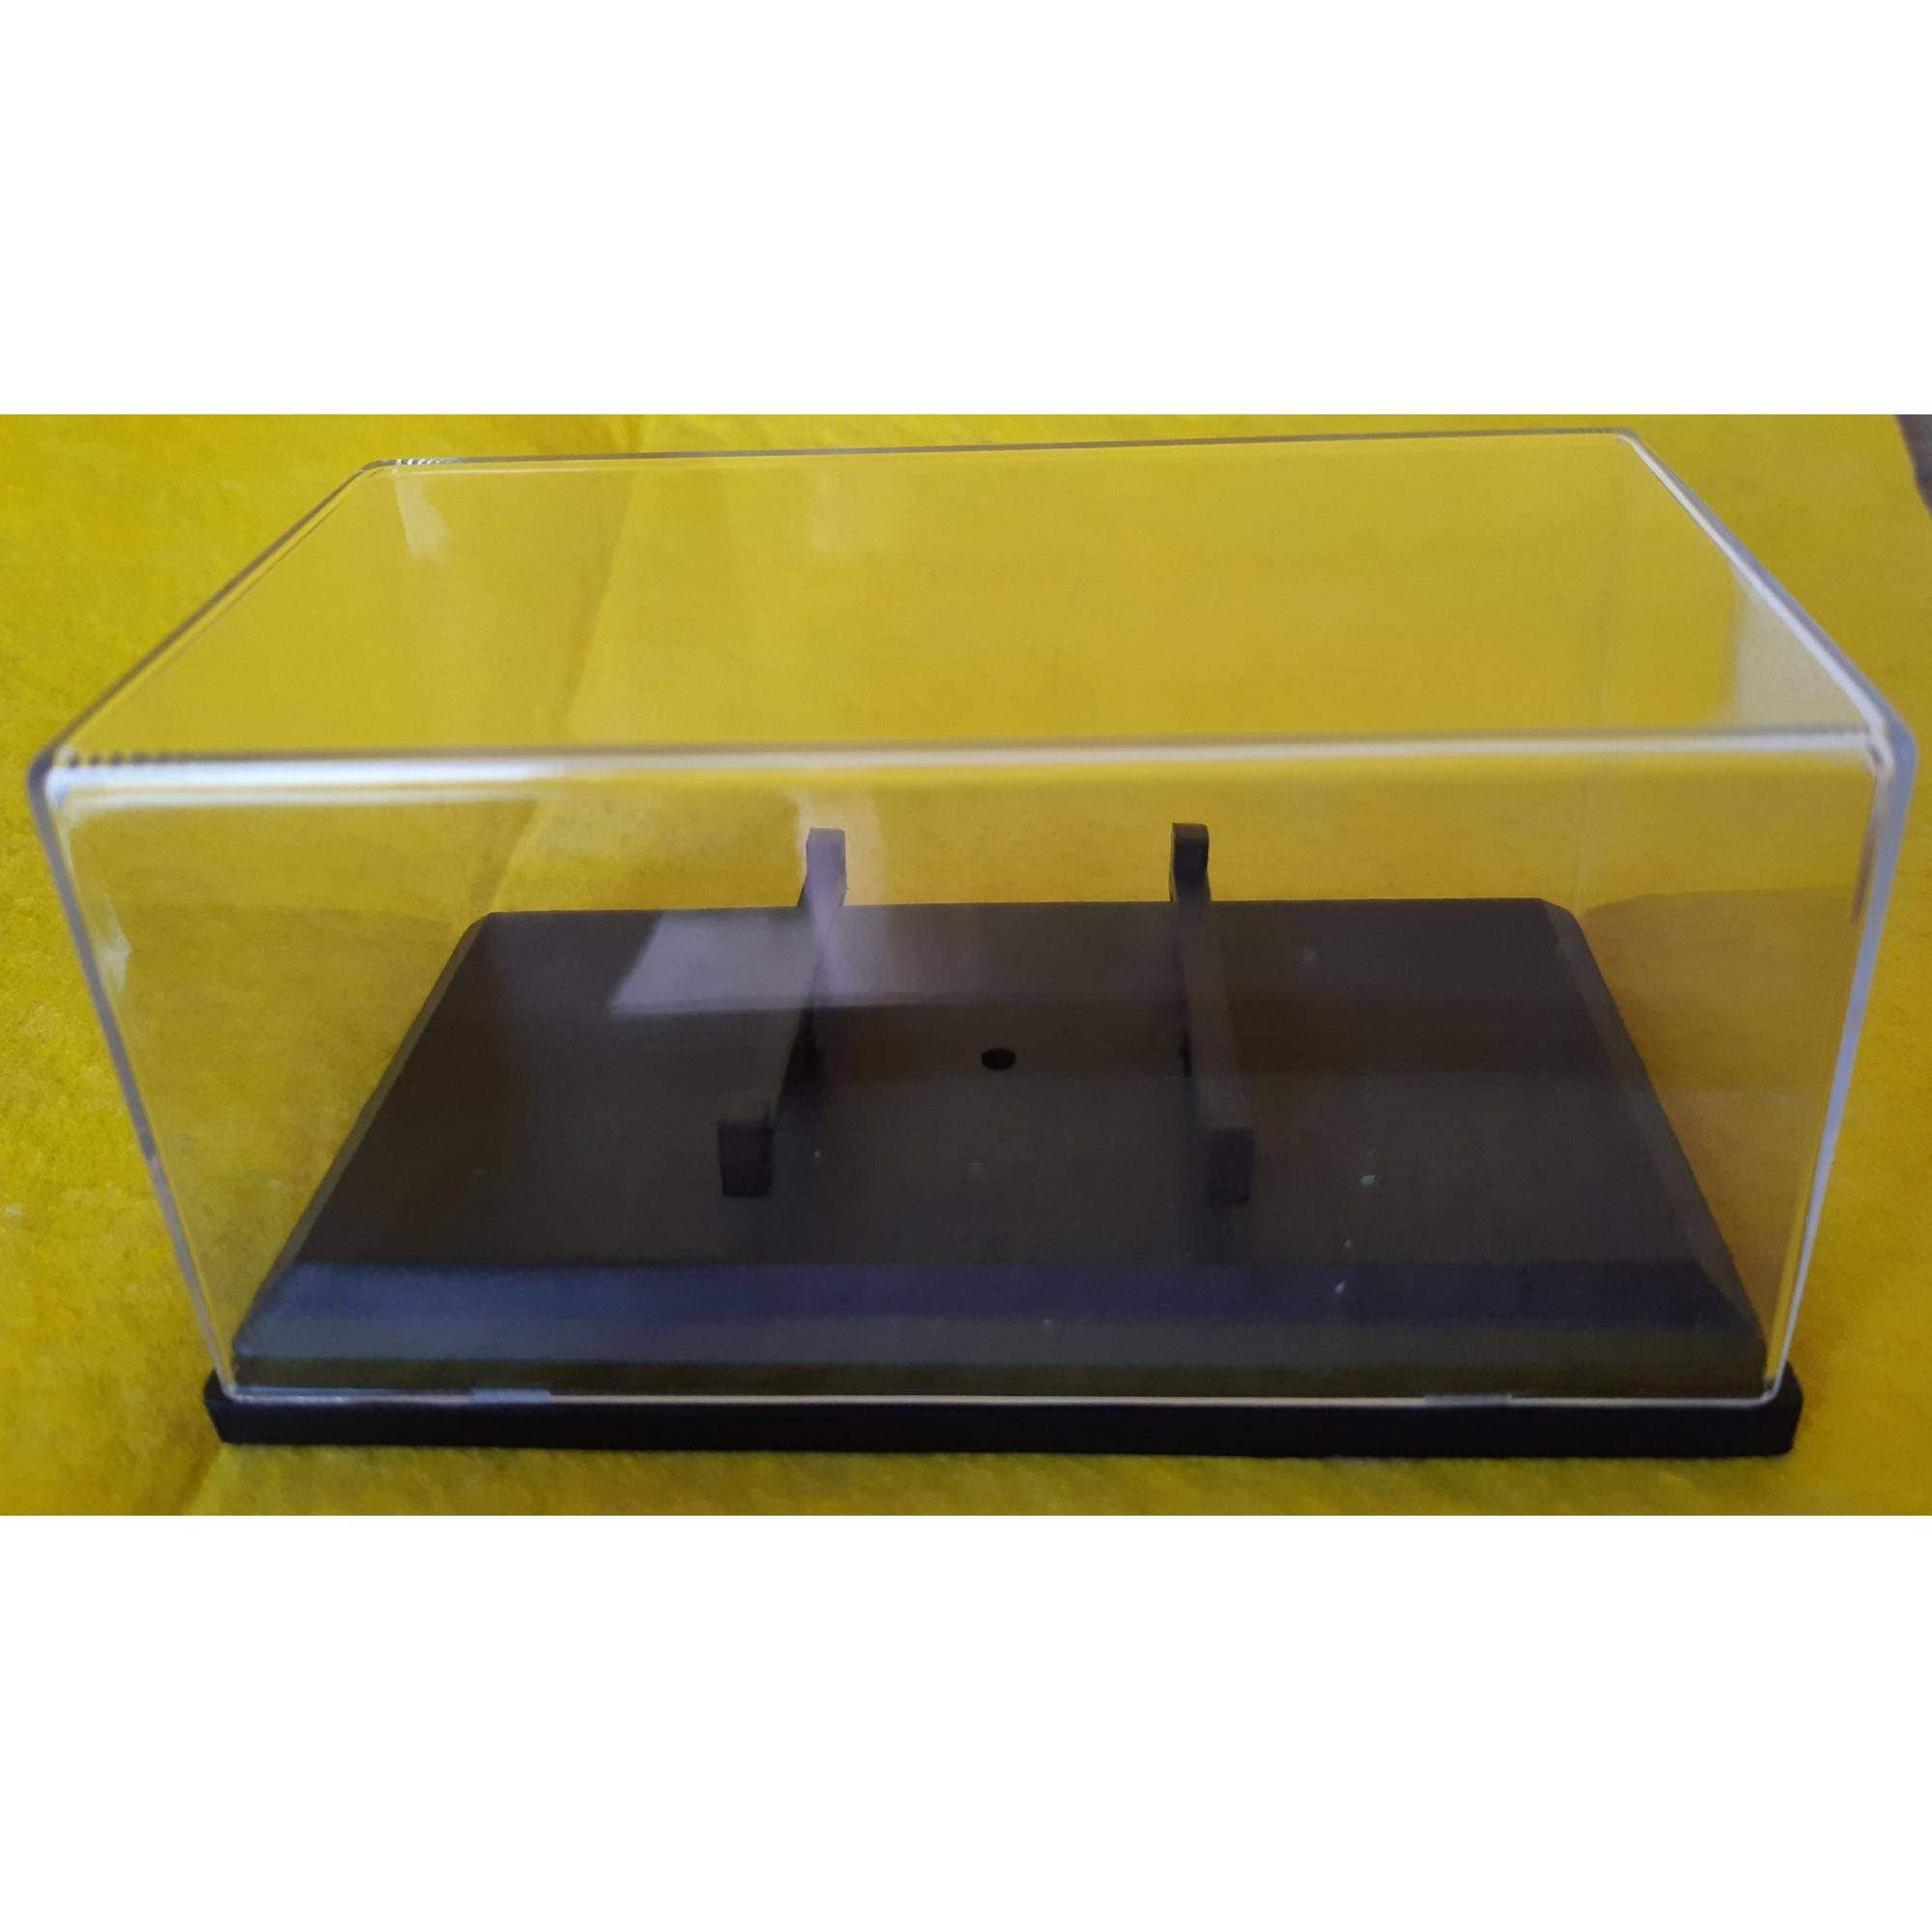 Caixa Plástica ( Expositor) para miniaturas na escala 1/64 - 10 UNIDADES